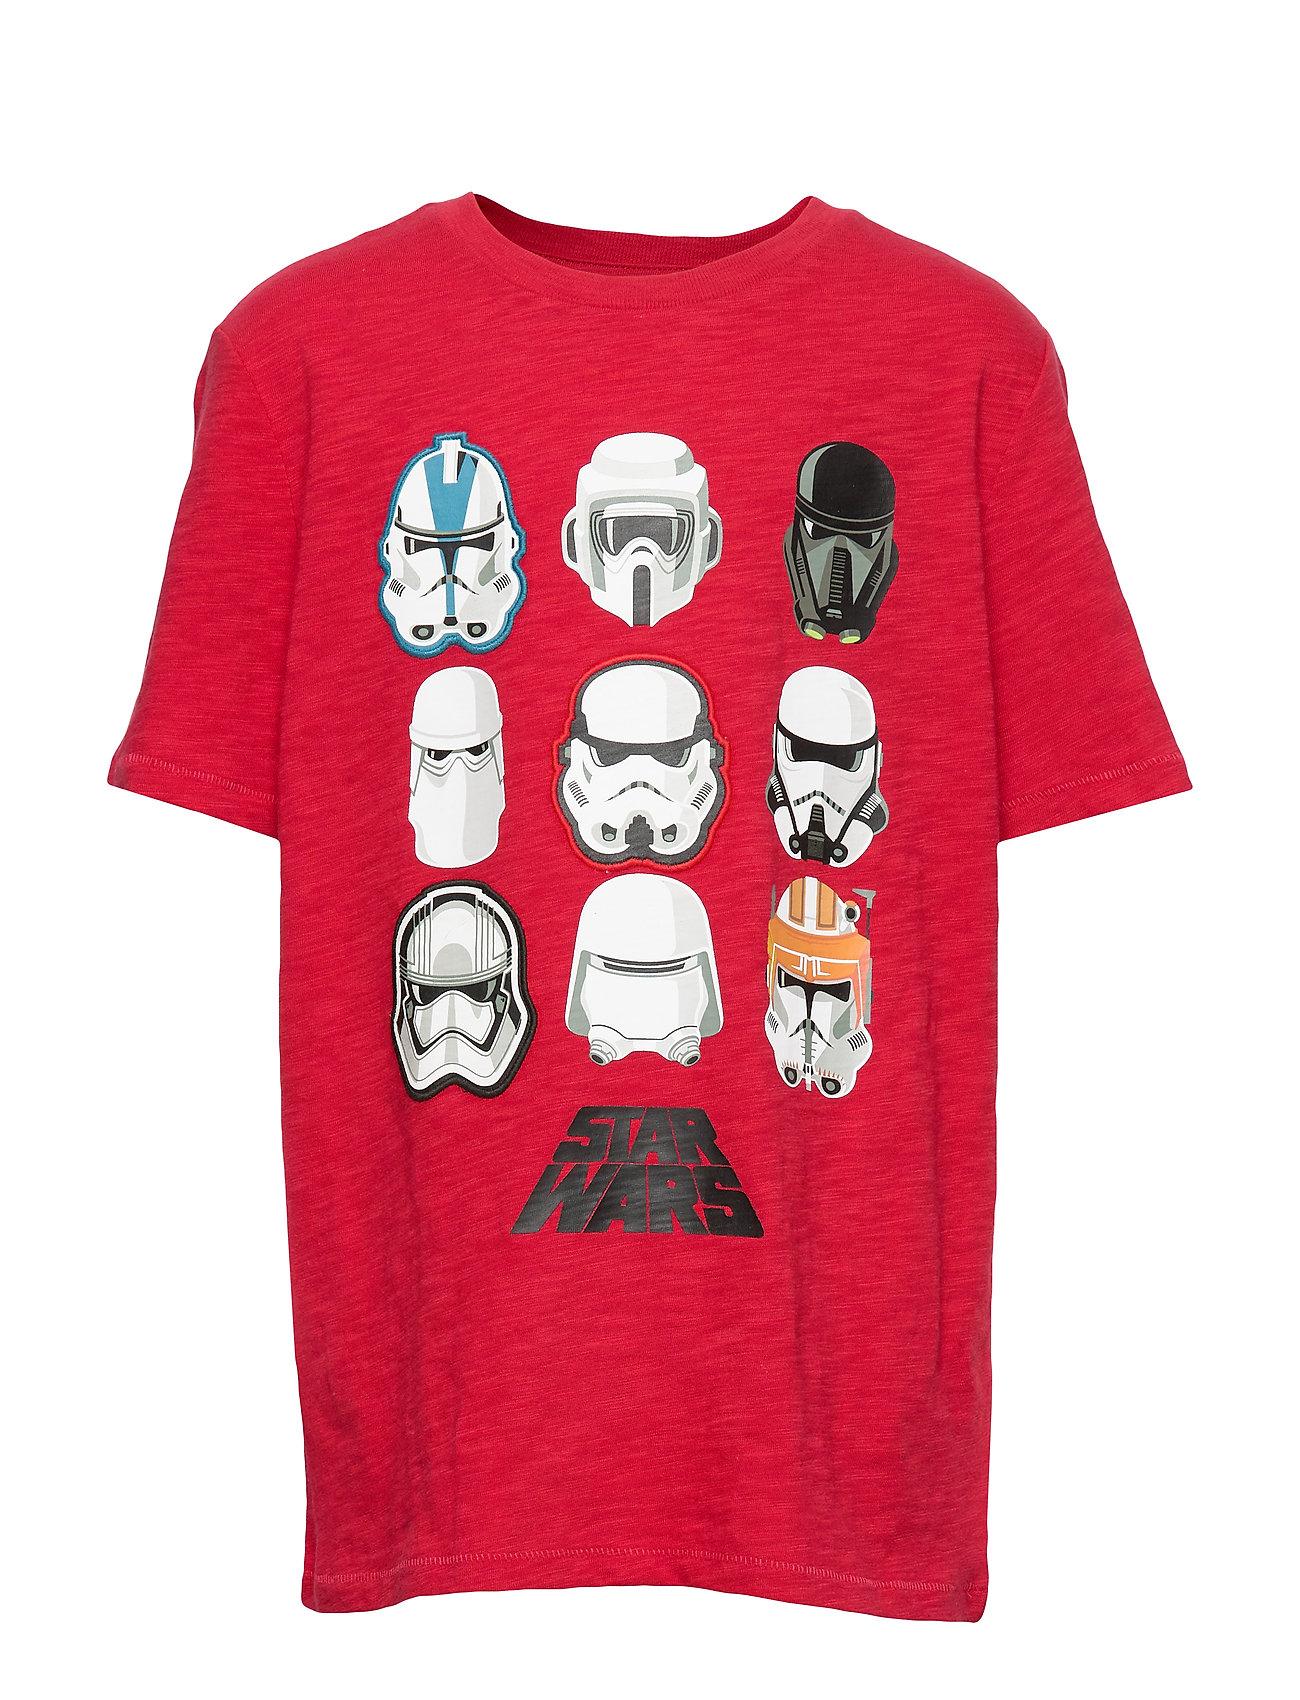 GAP GapKids | Star Wars™ Graphic T-Shirt - MODERN RED 2